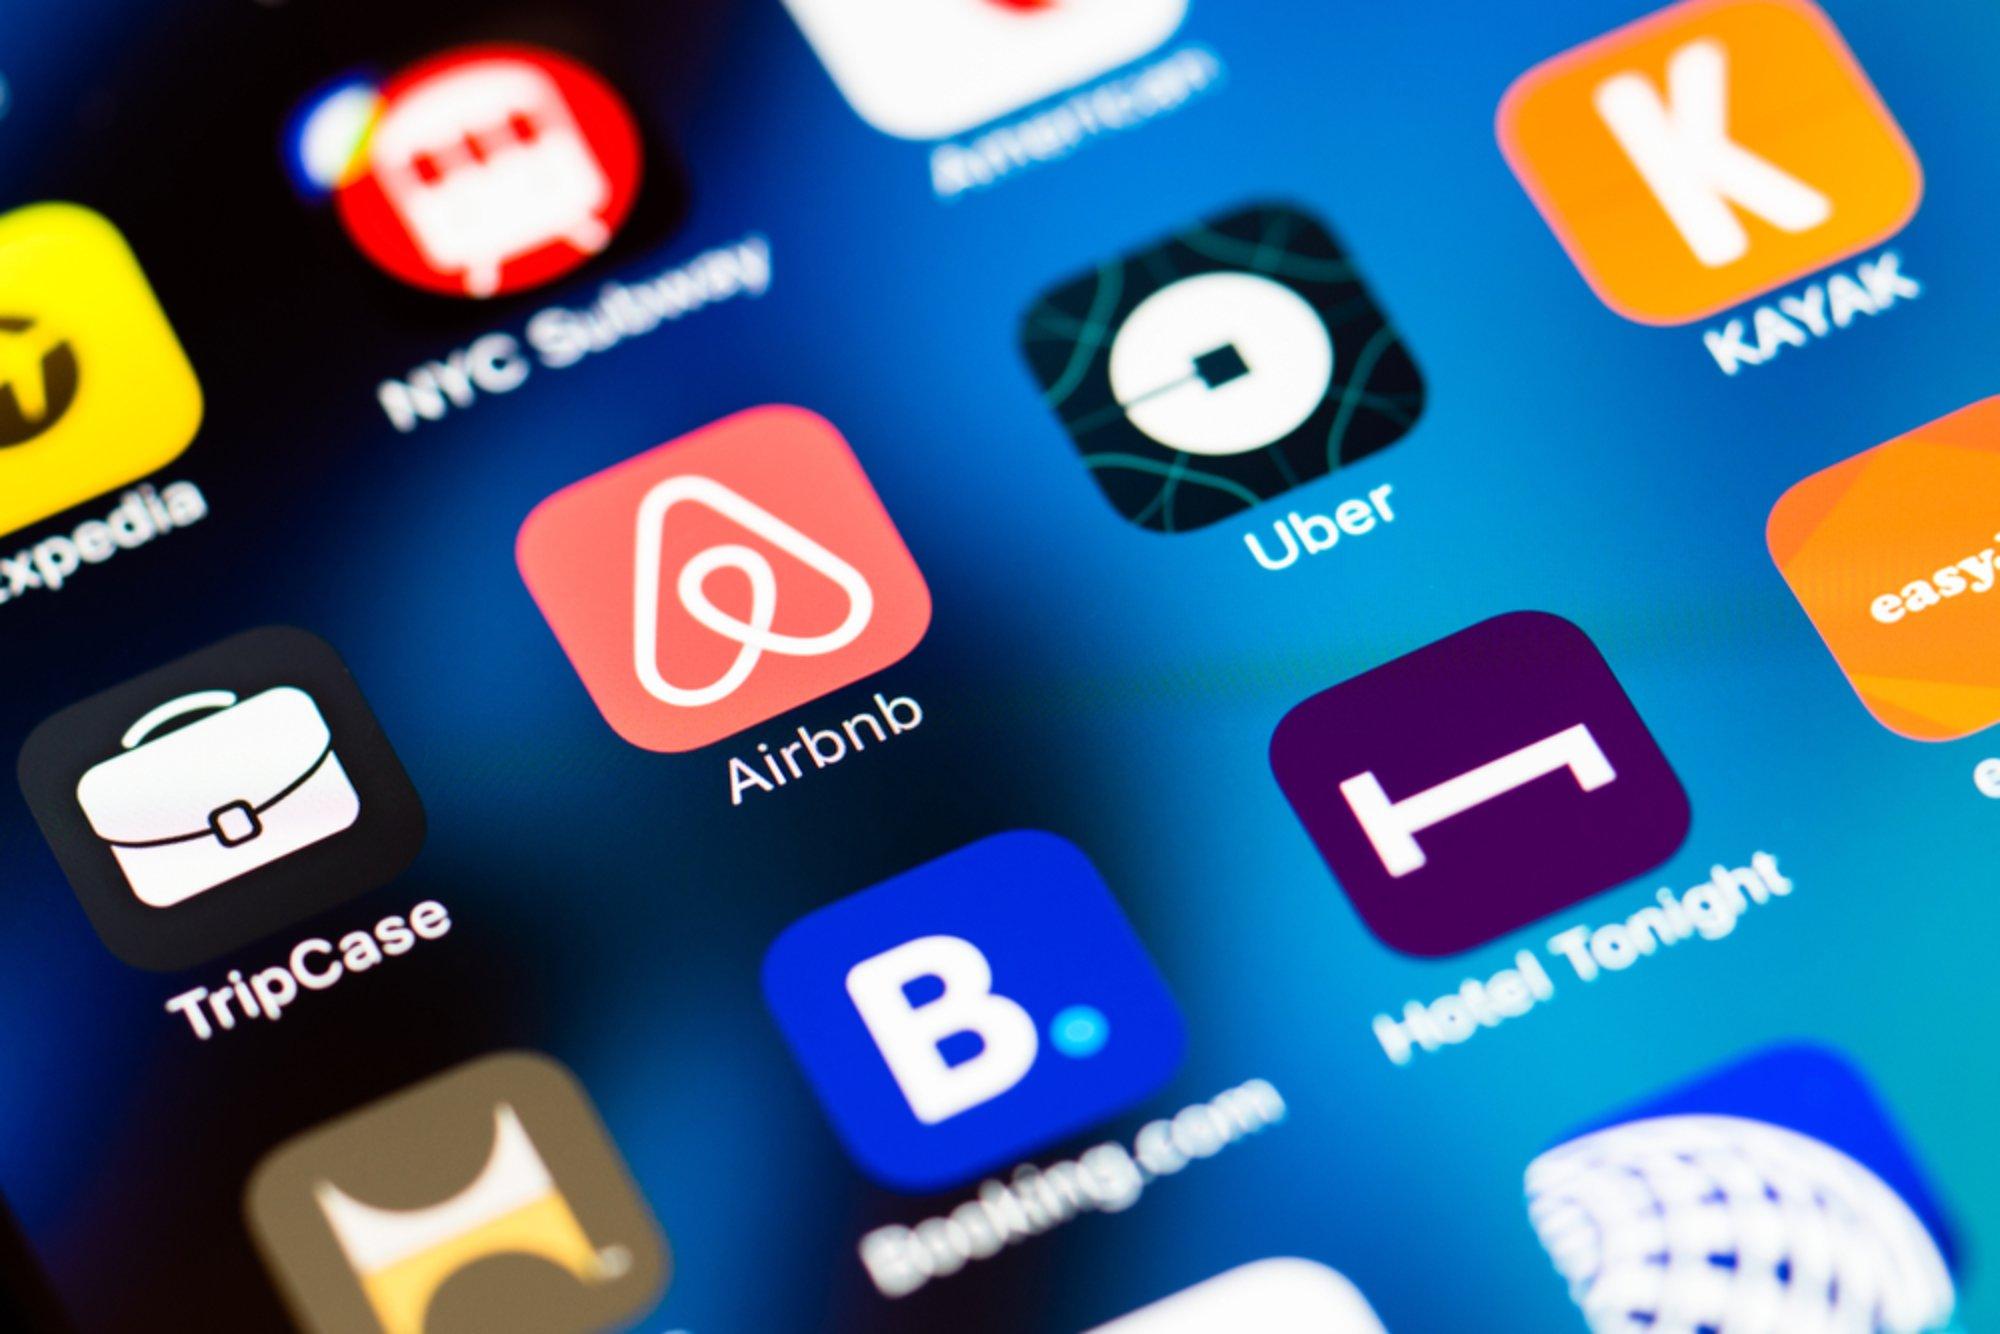 Multisided - Radio 4.0. Agcom: business radiofonia nel web è nel multi-sided. Analogie con modello di business FM, ma competizione commerciale con attori IP